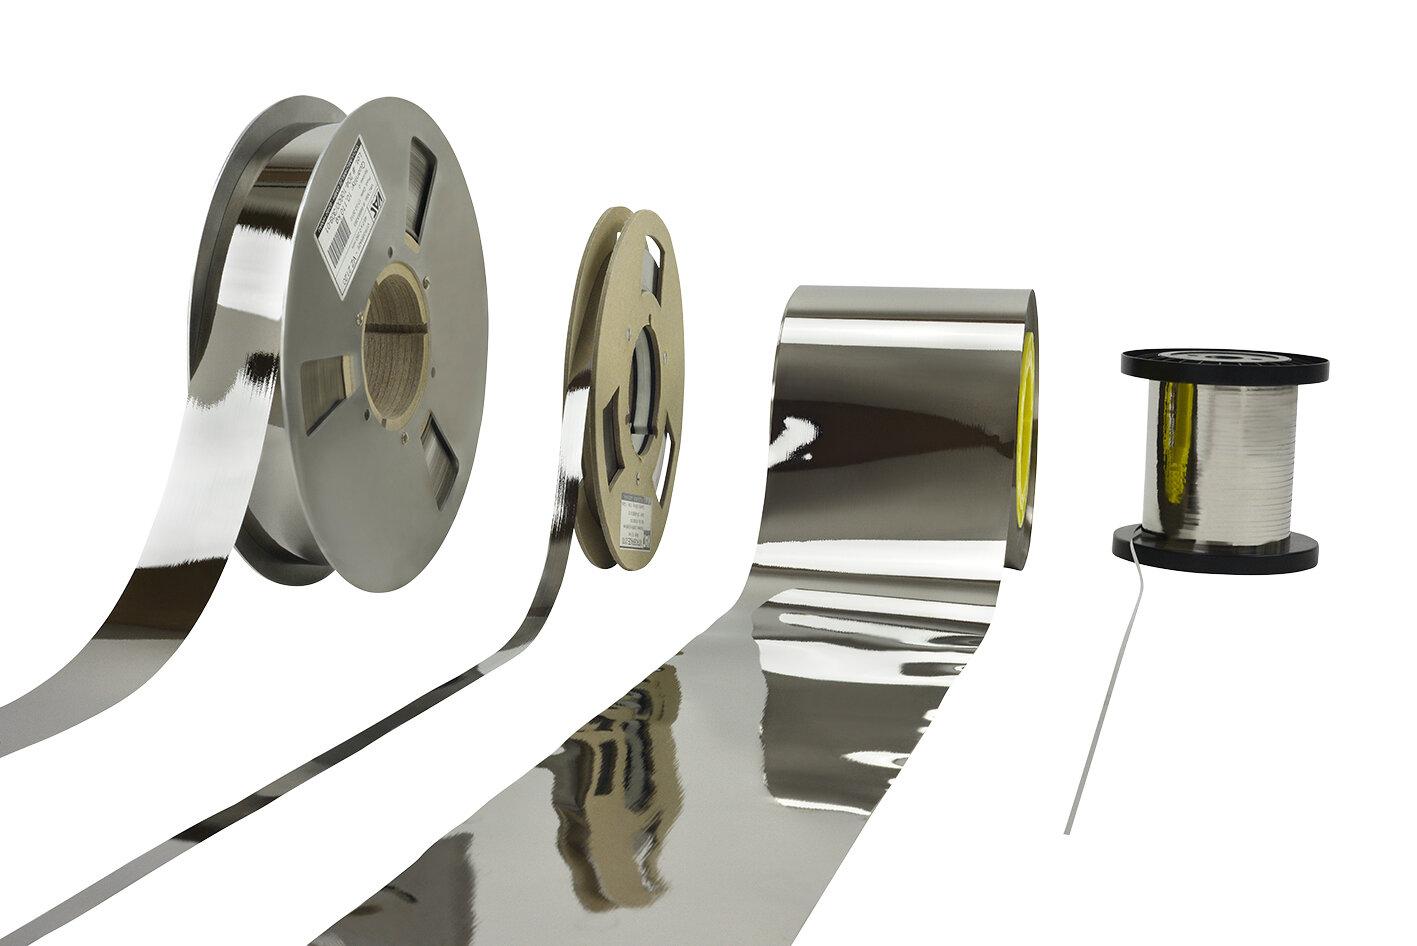 Material amorfo para sistemas de calentamiento por infrarrojos